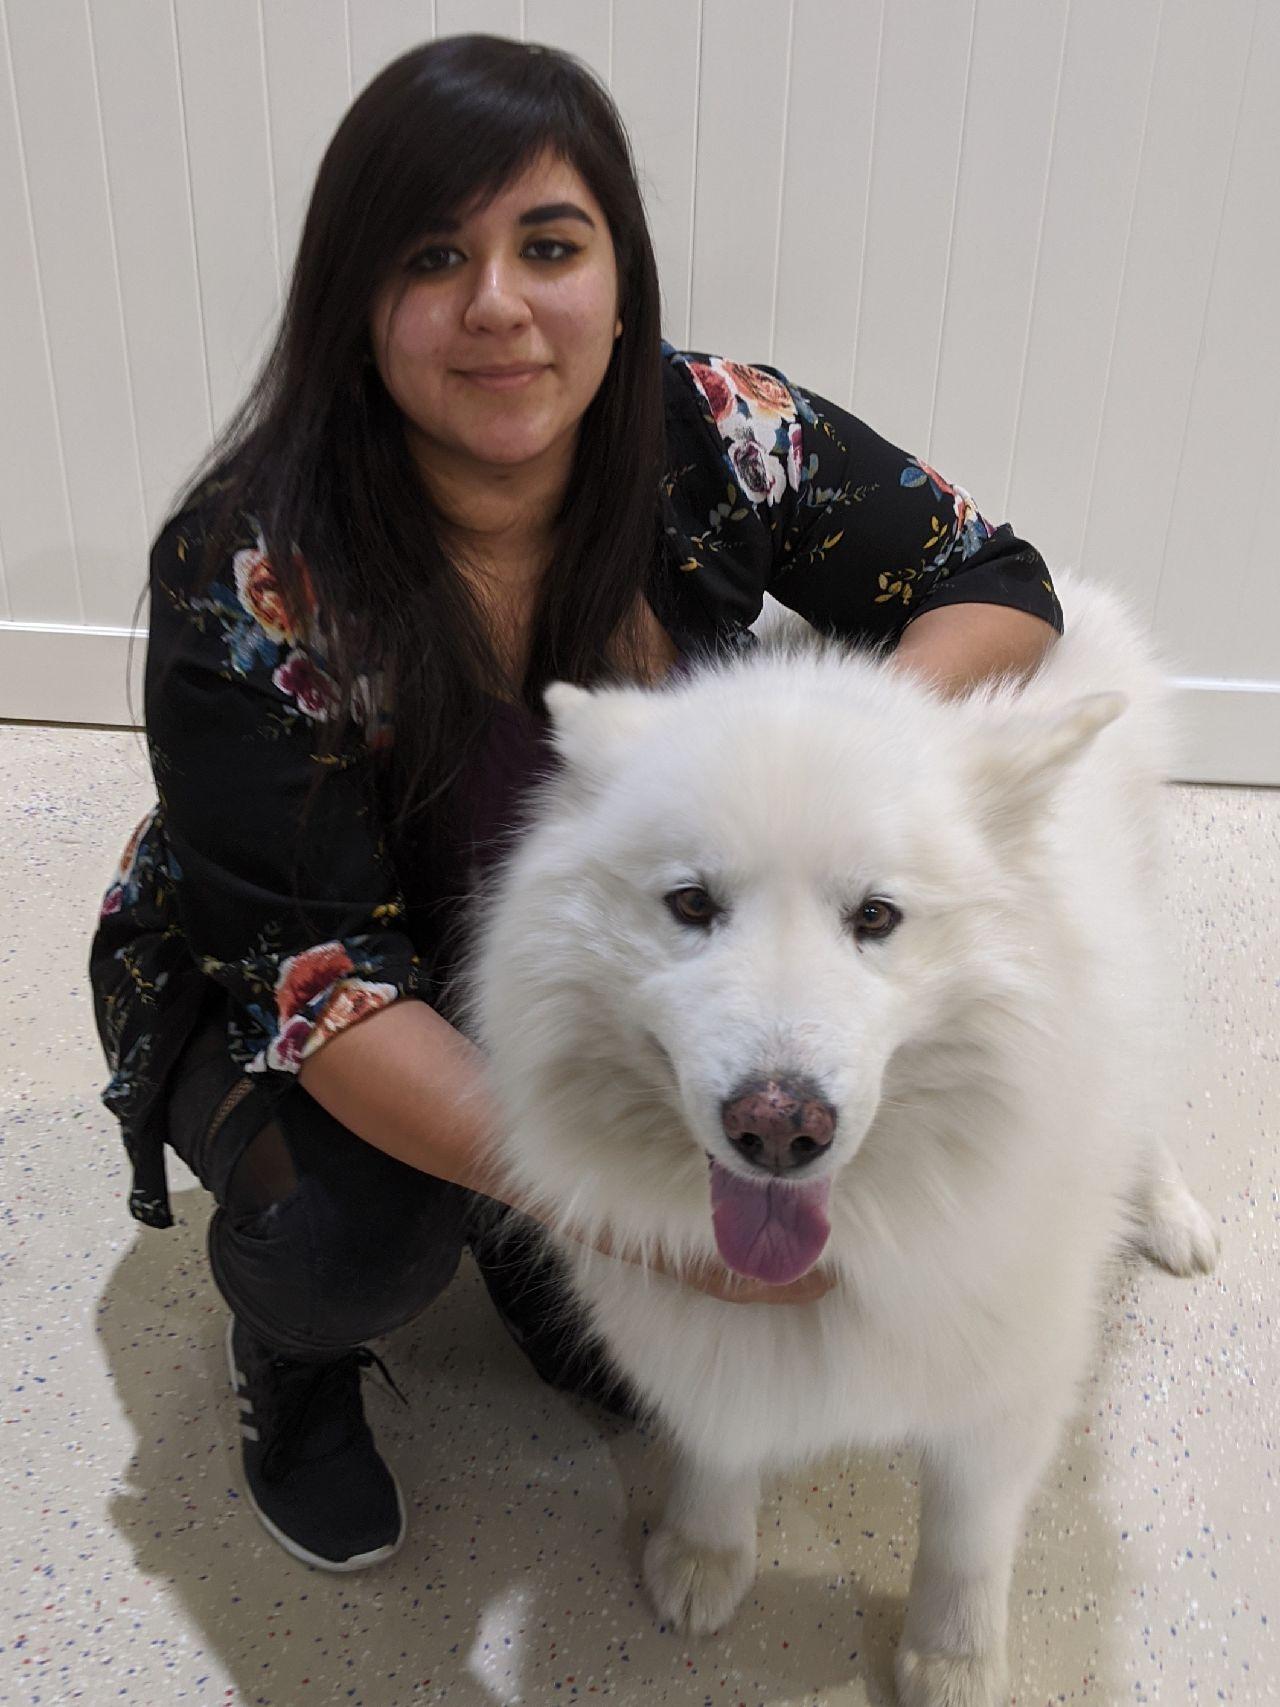 Arranise Gutierrez—Overnight Pet Care Specialist